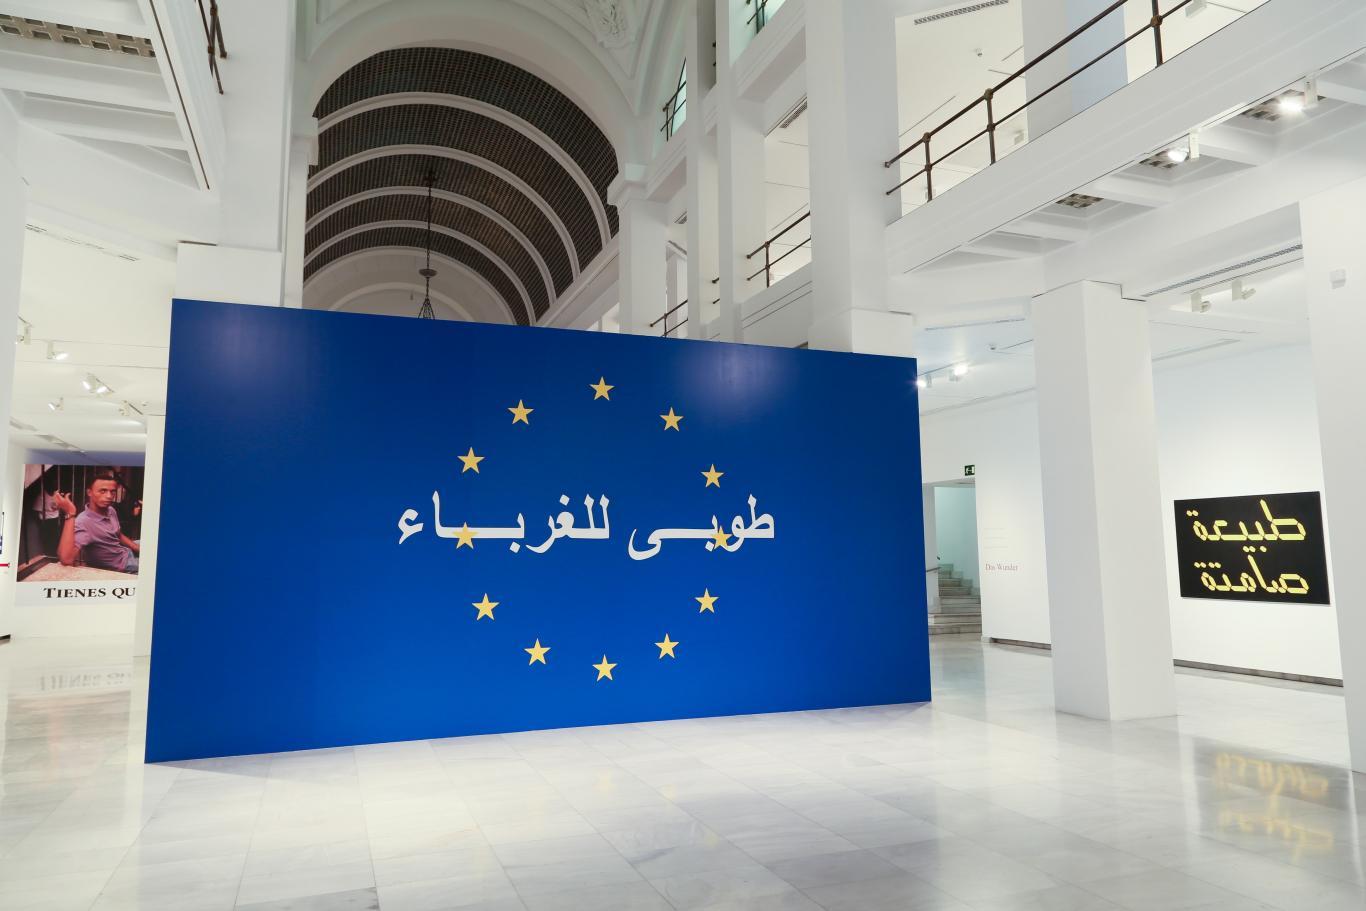 Muro pintado de azul en la entrada a la Sala Alcalá 31. Se distinguen 12 estrellas en dicho panel a modo de bandera de Europa y unas letras en árabe sobre ella